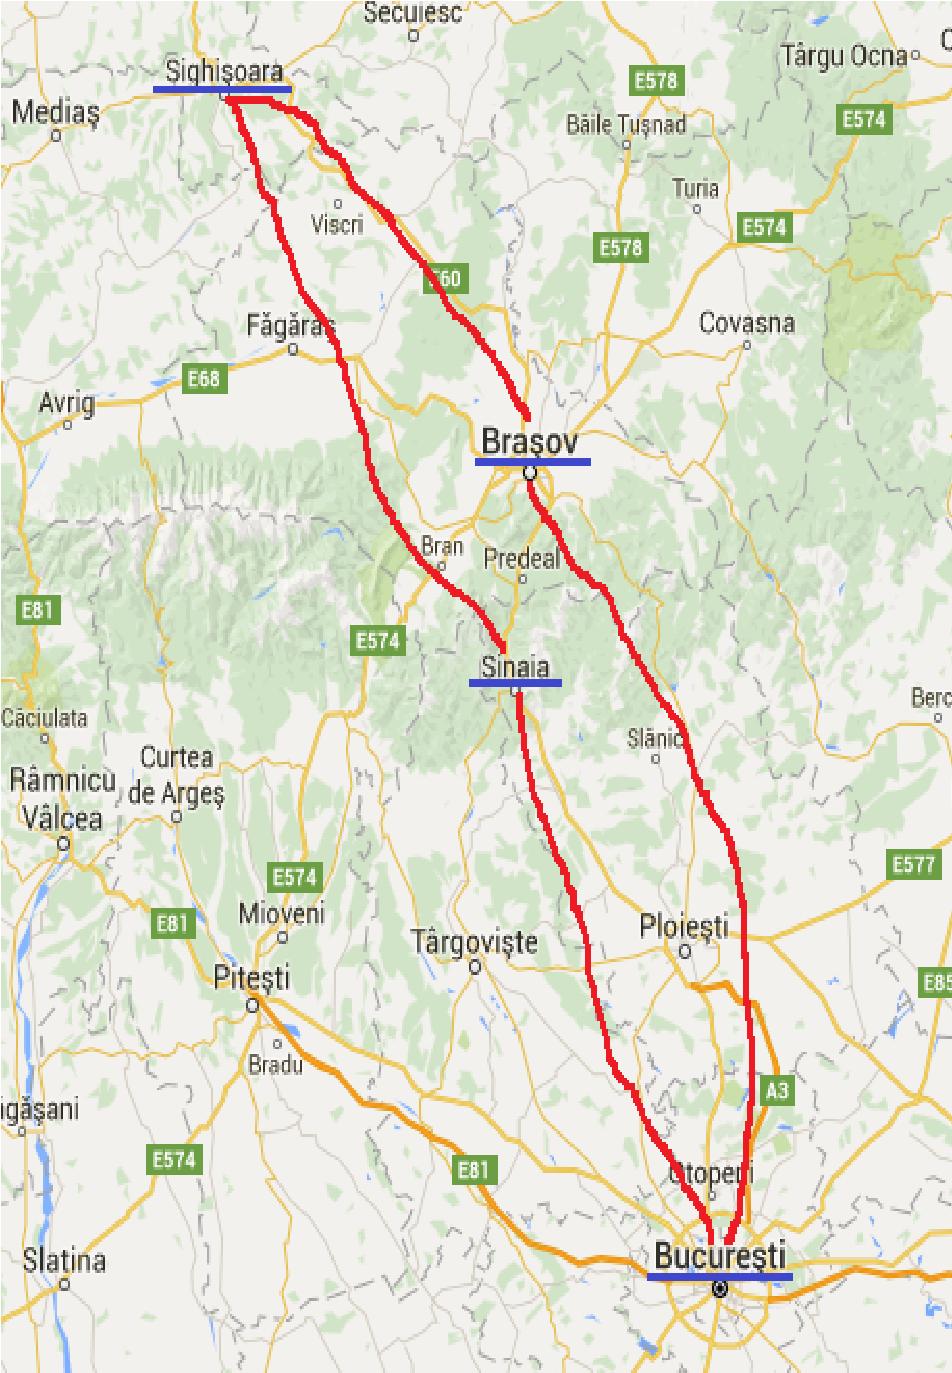 Transilvania Romania Cartina.Il Giroviaggio Romania Tour Della Transilvania Parte 1 Bucarest Sinaia